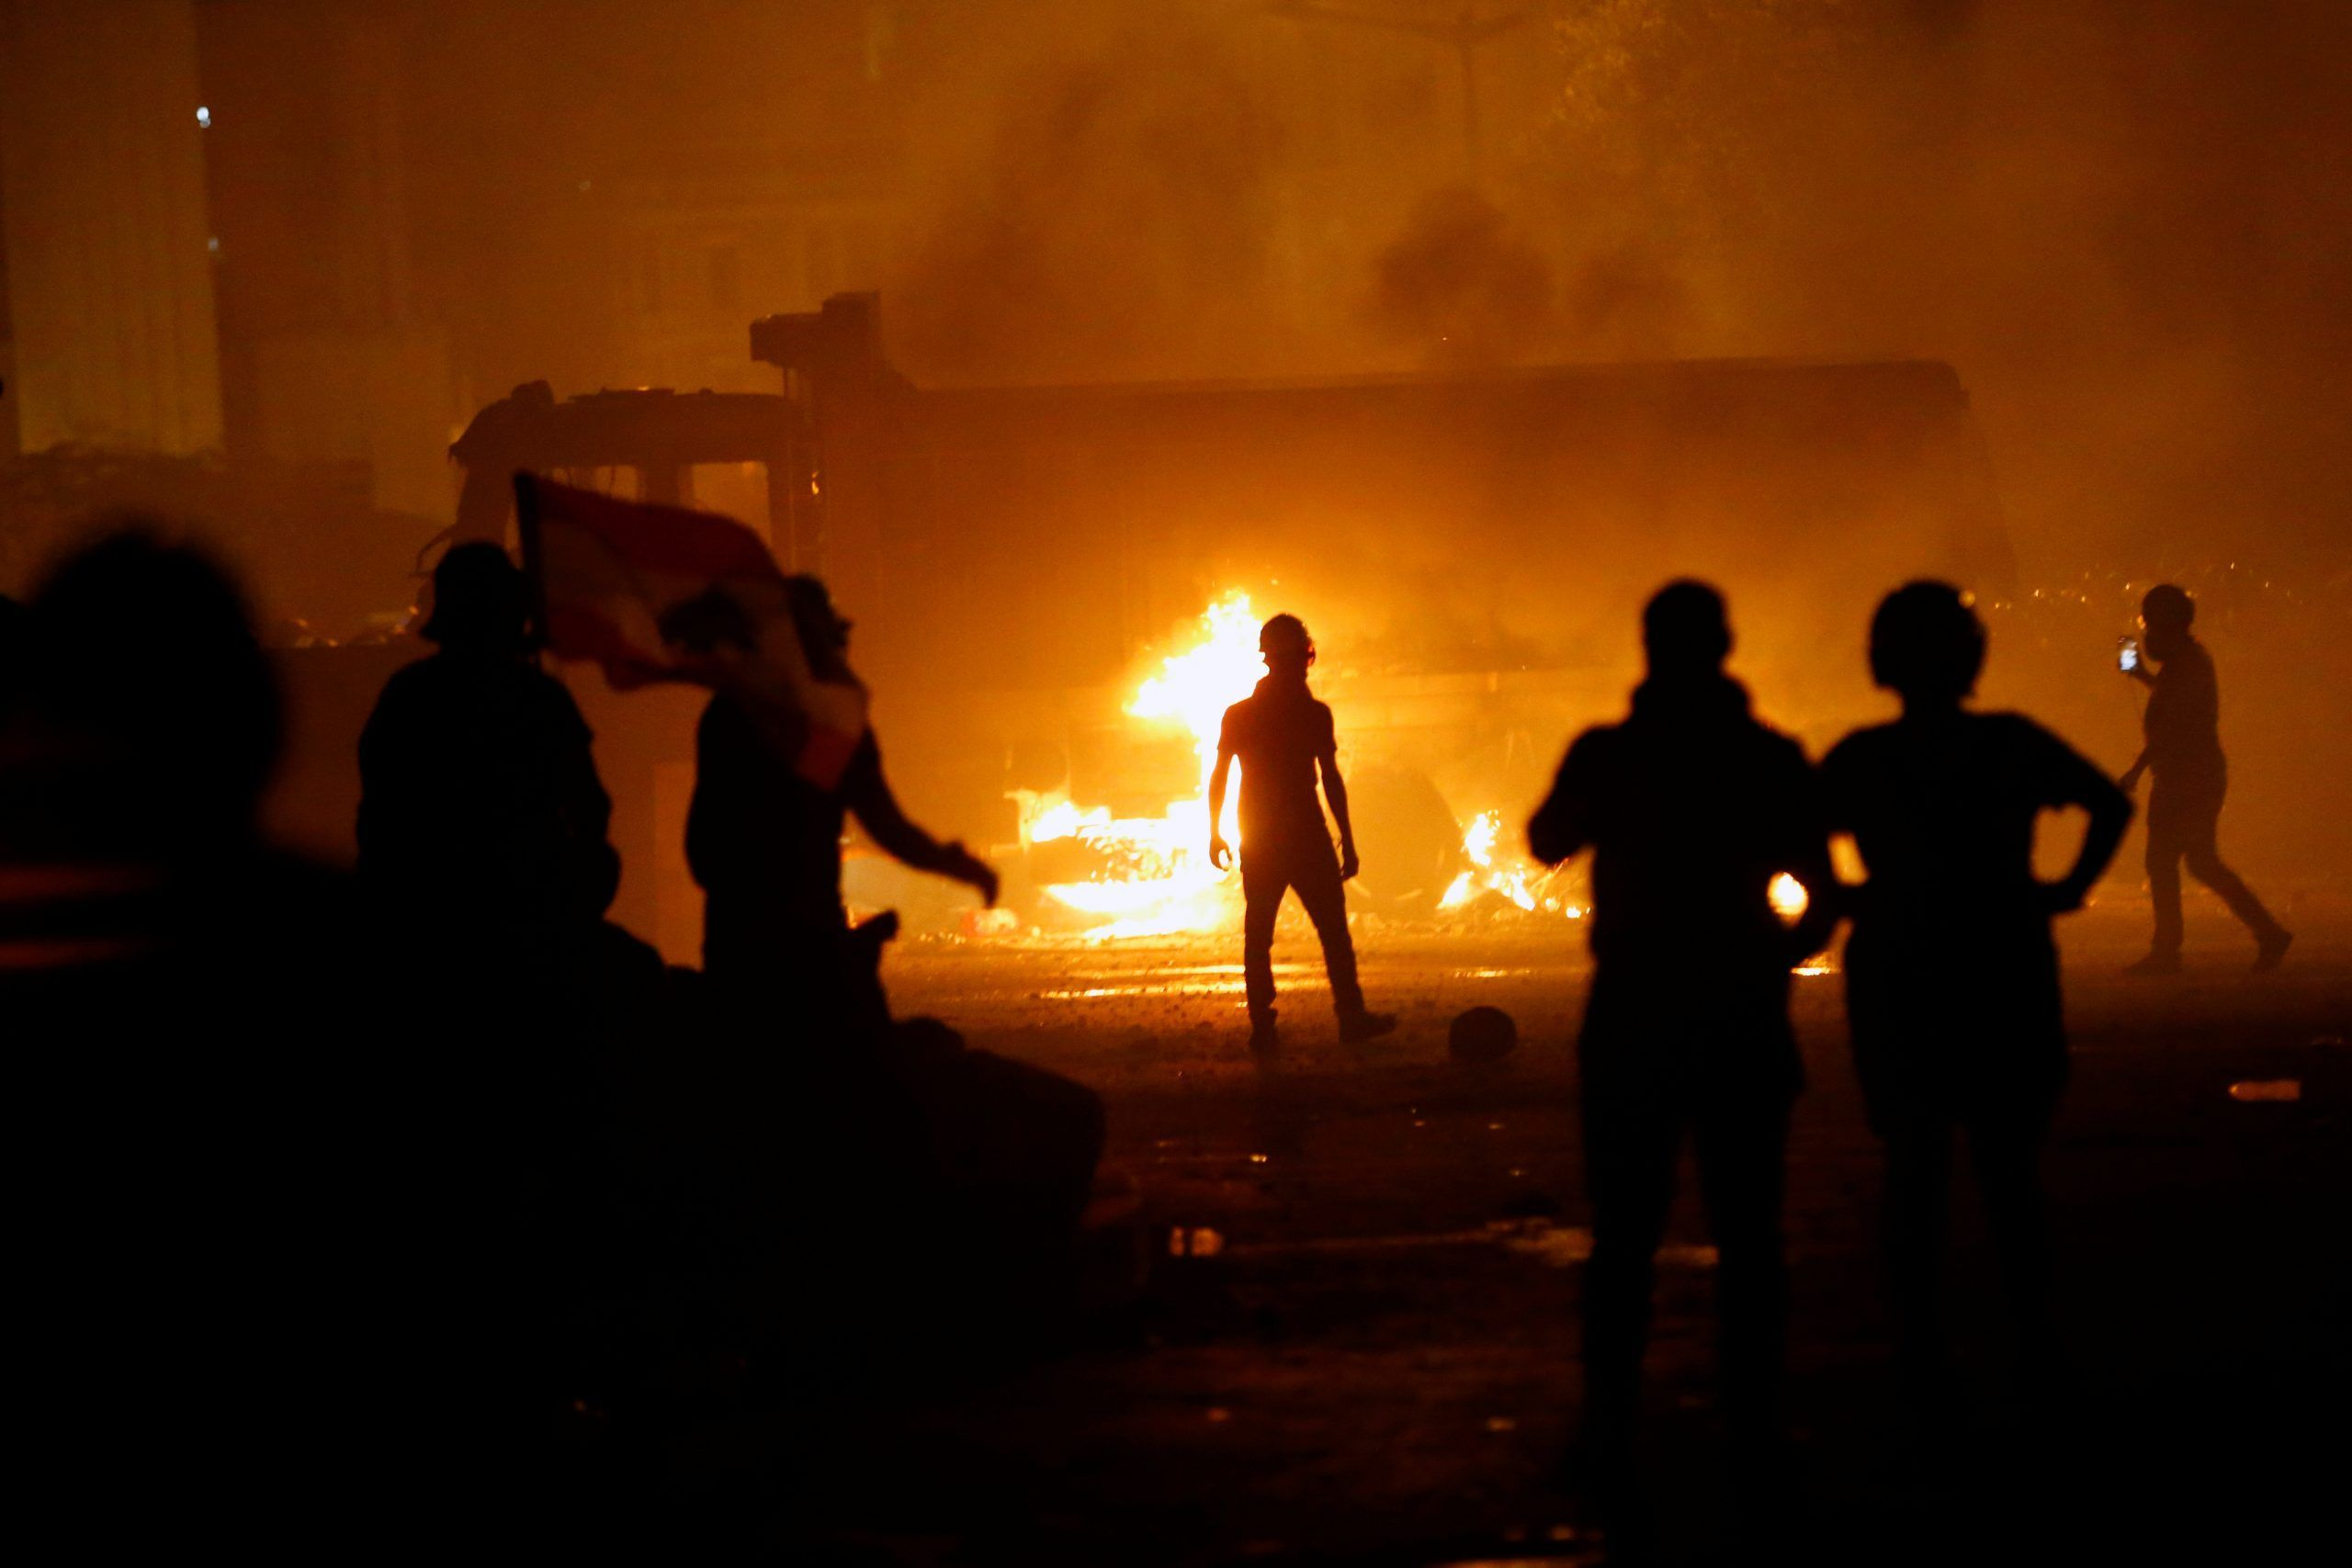 2020-08-08T193223Z_1155392955_RC2V9I9AMZ9I_RTRMADP_3_LEBANON-SECURITY-BLAST-PROTESTS-scaled